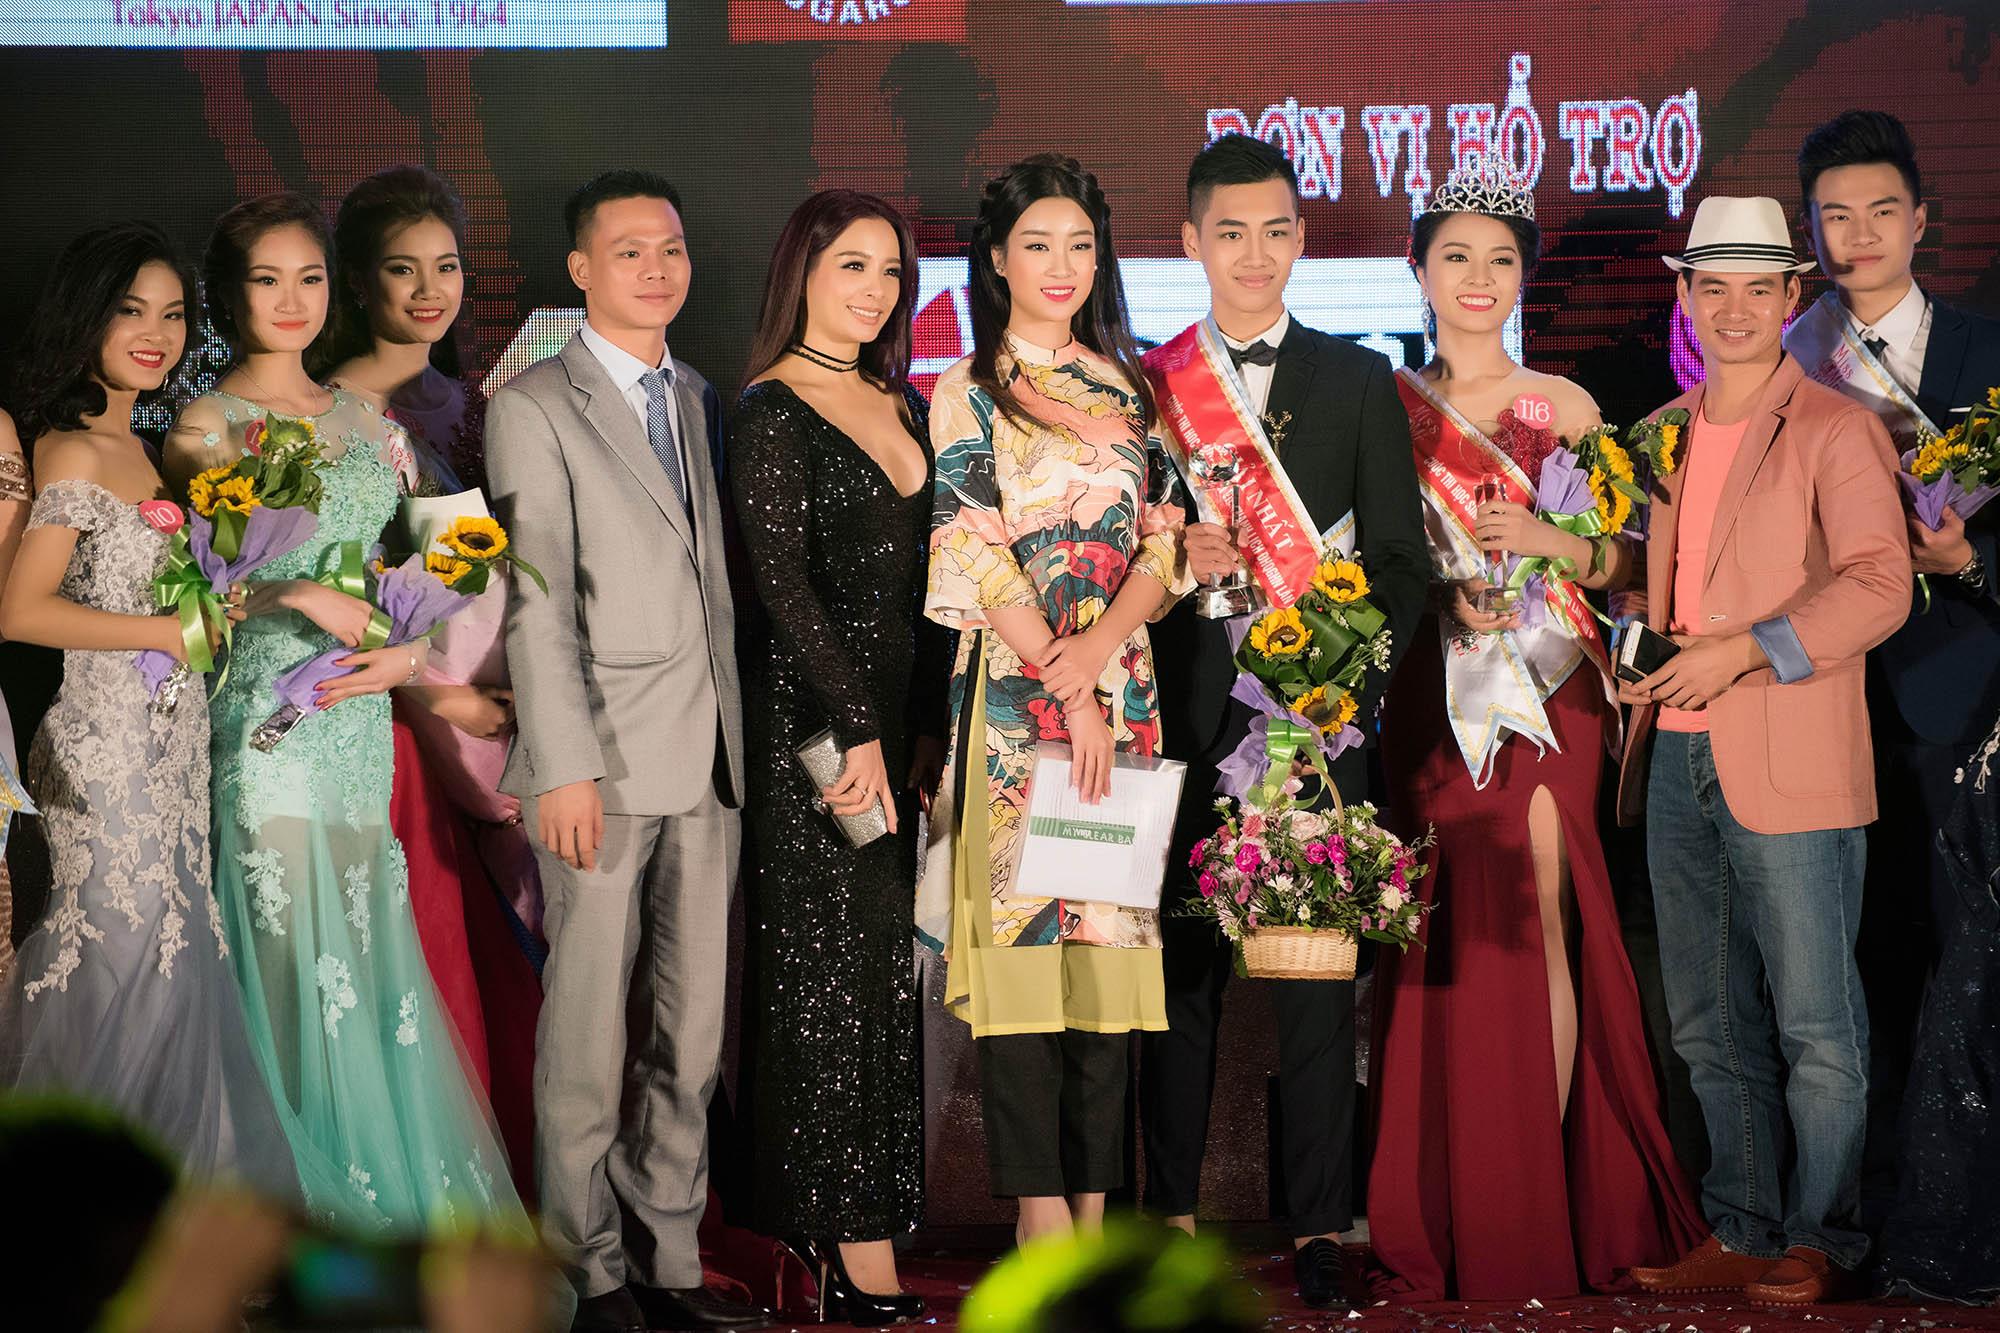 Hoa hậu Mỹ Linh đẹp không tỳ vết khi đi chấm thi nhan sắc 9